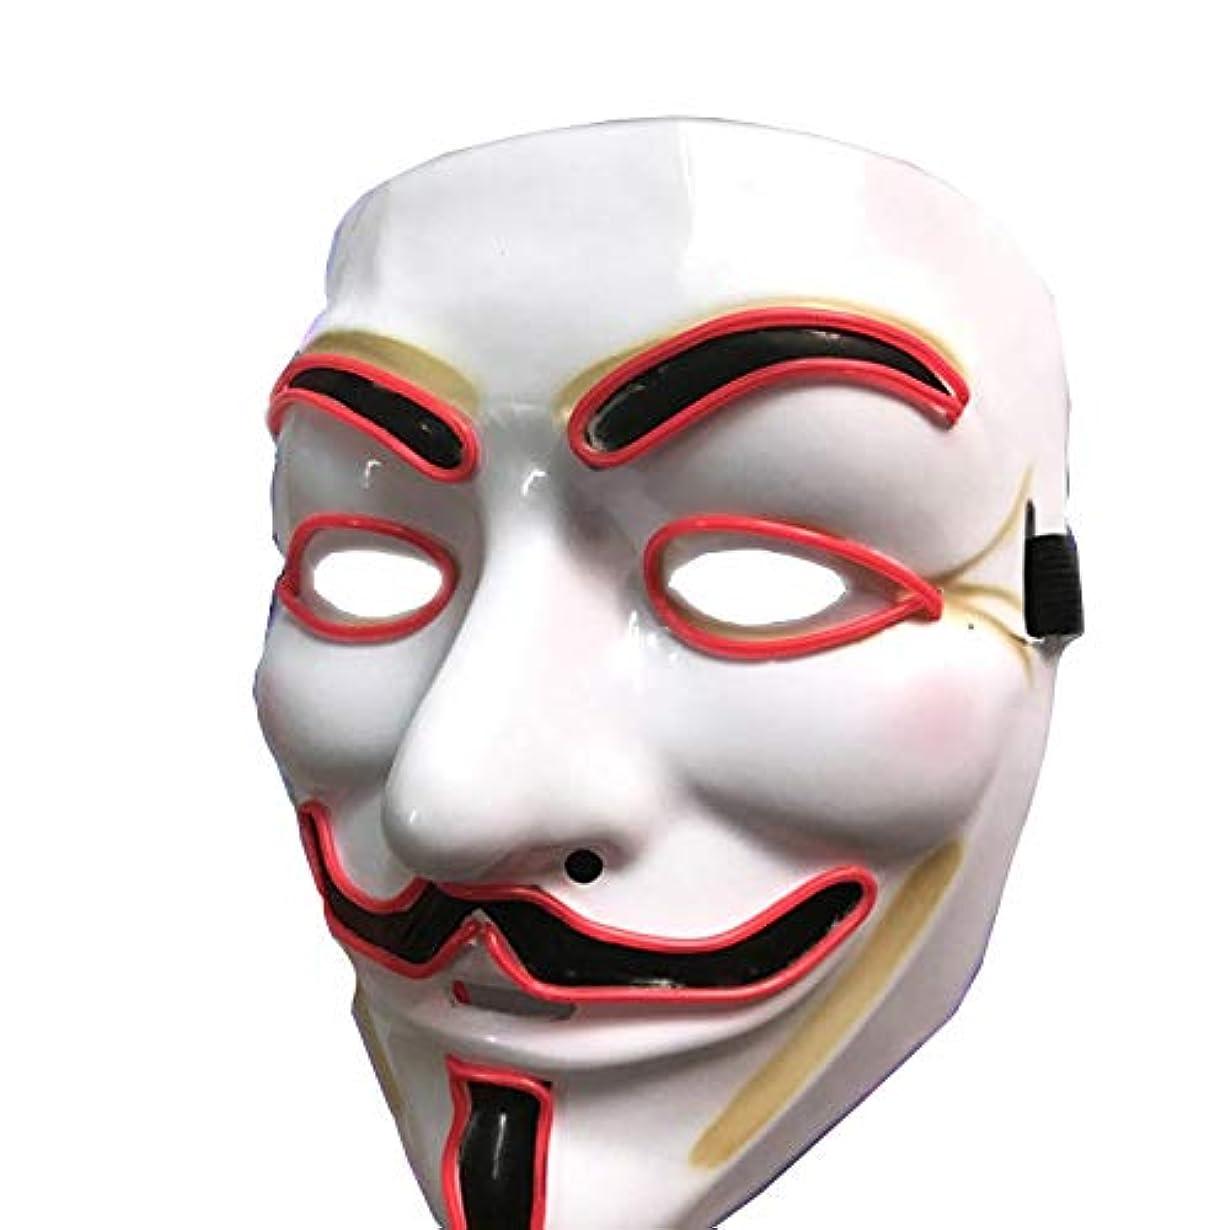 ハロウィーンマスクLEDライトアップマスクグローイングマスク、コスプレ、レッド